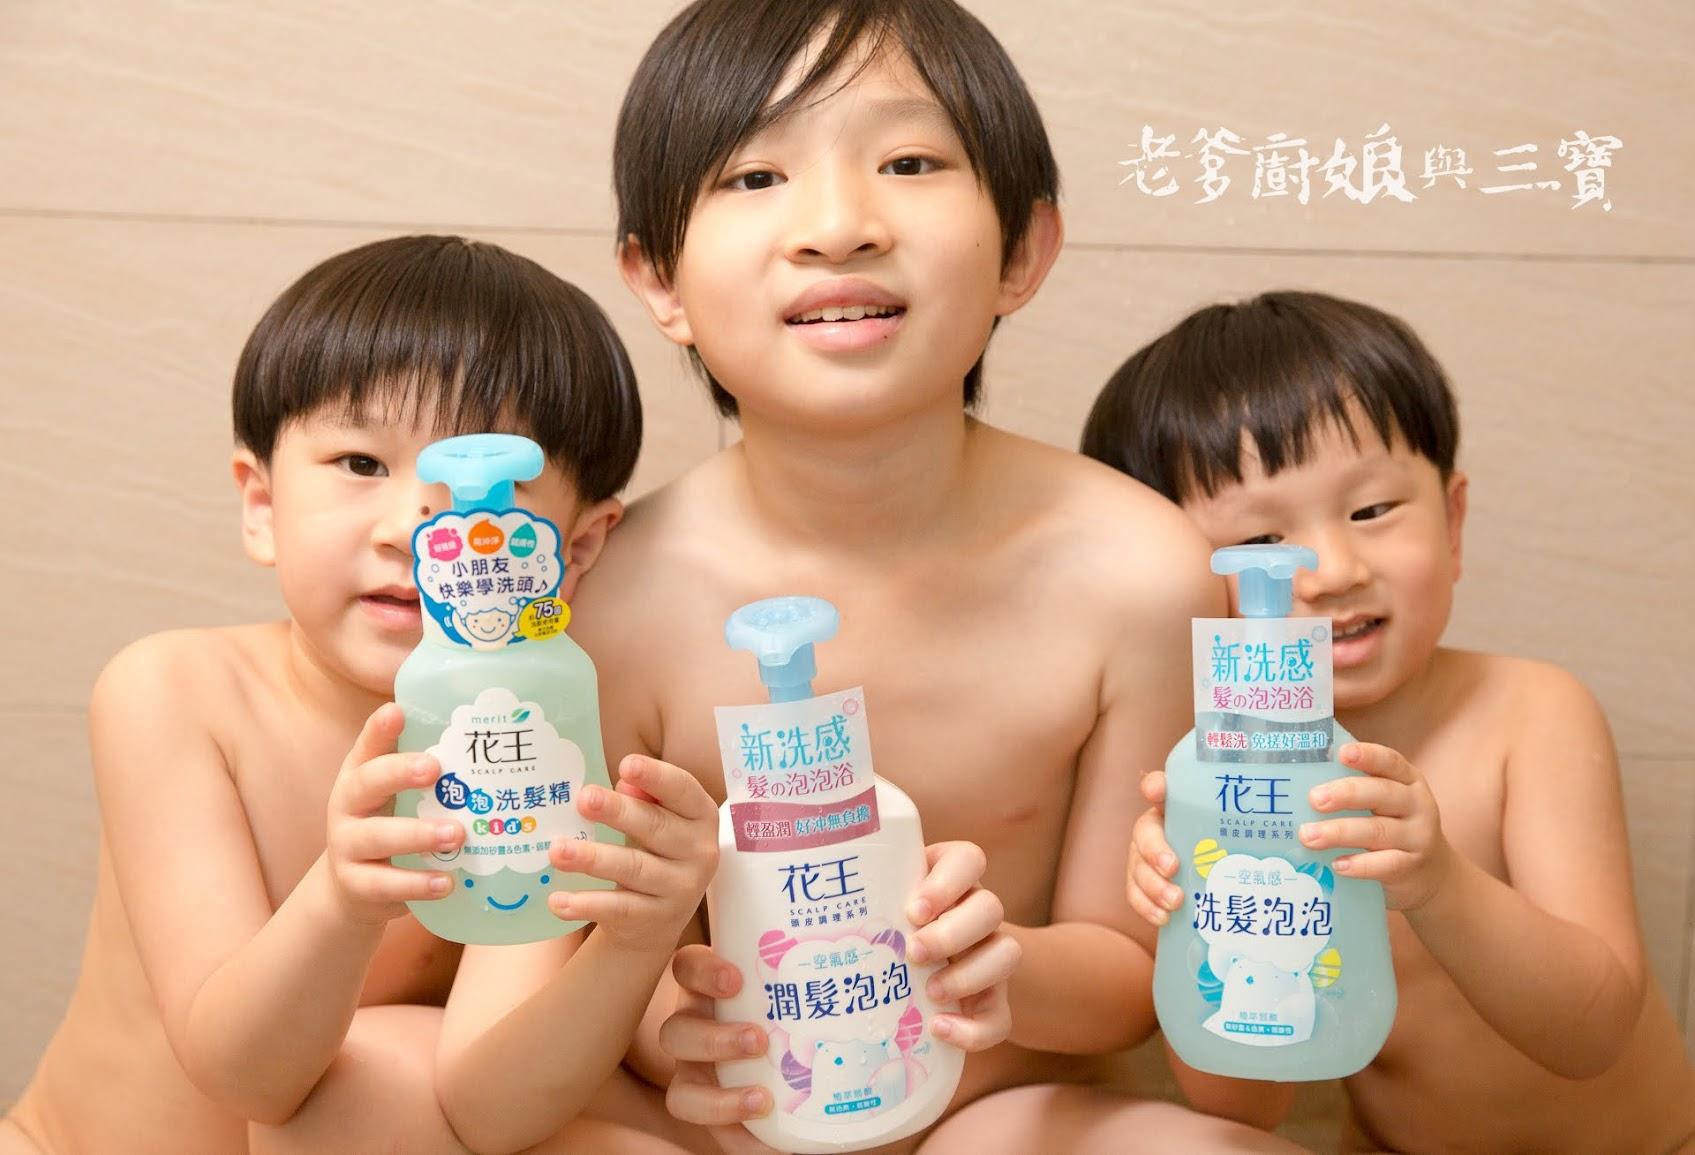 來~讓我們一起用花王洗髮泡泡、潤髮泡泡開心洗頭吧!